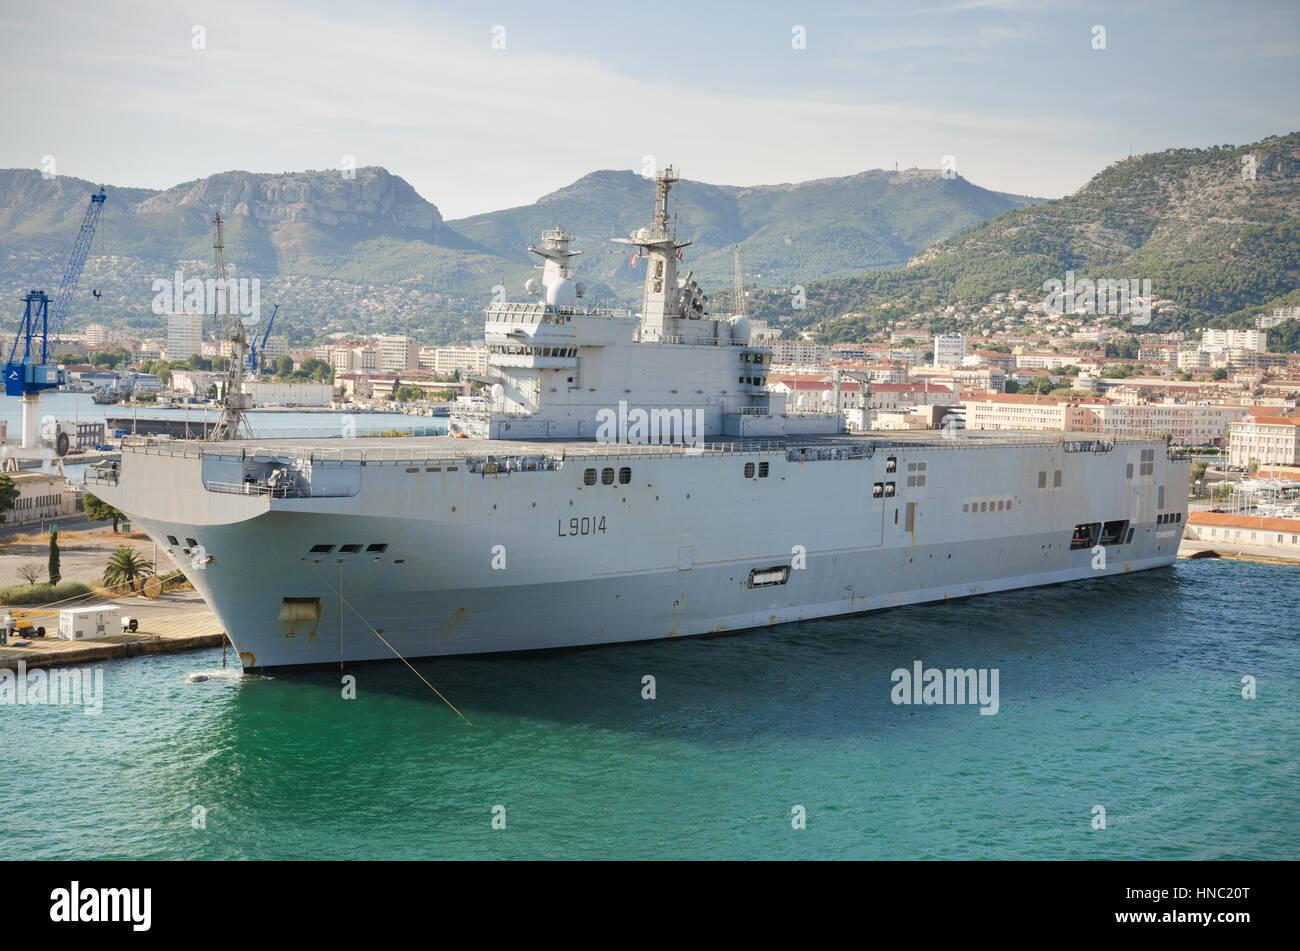 Toulon, Frankreich - 16. August 2013: Toulon Navy base Hafen, Flugzeugträger Schiff angedockt am 16. August Stockbild